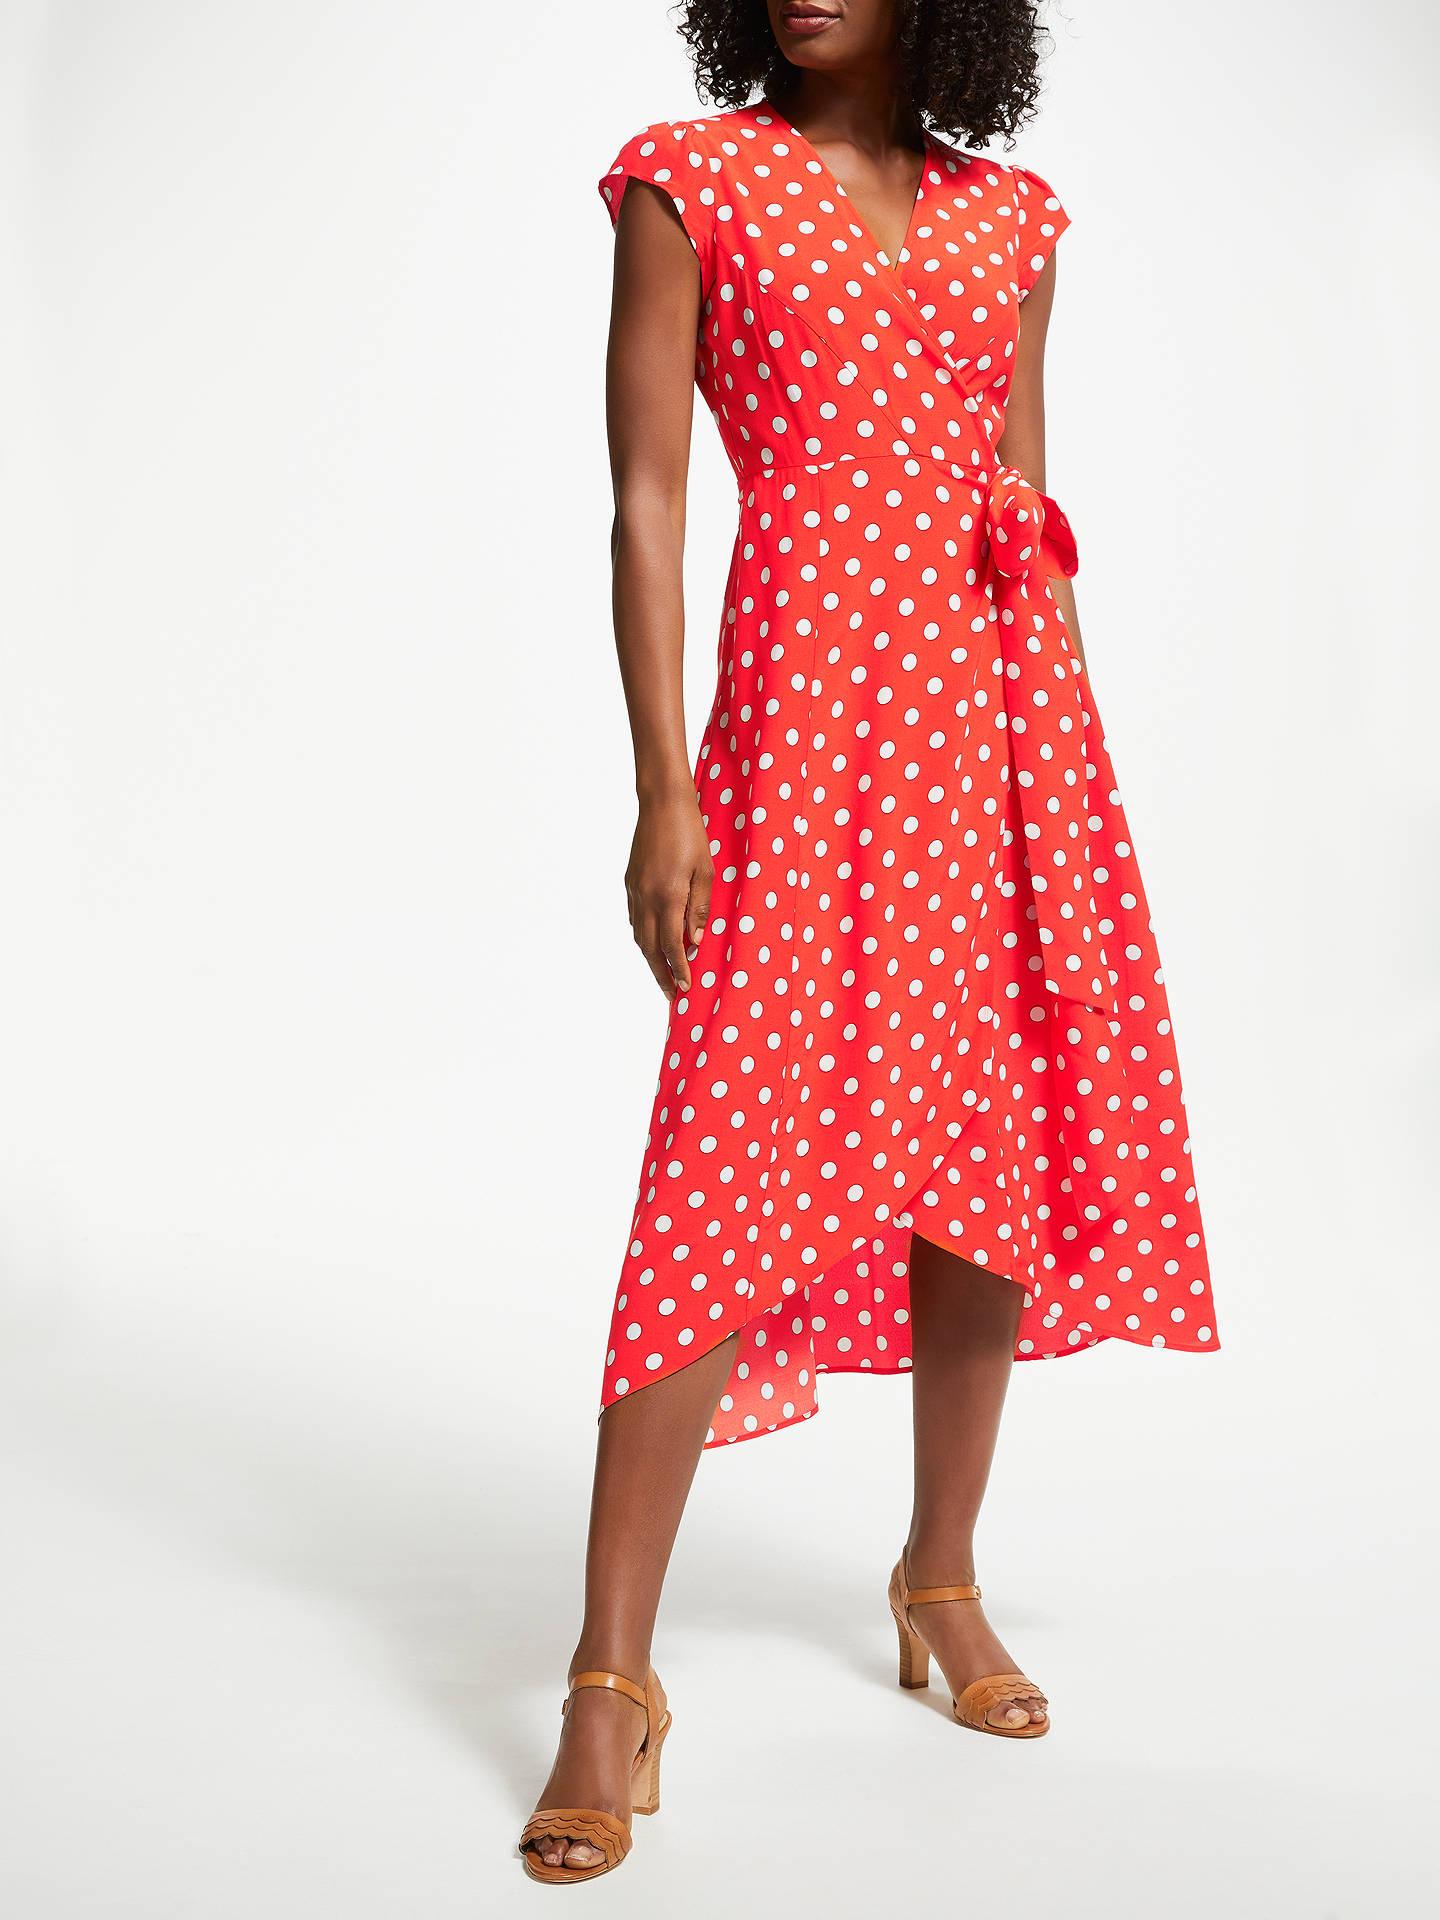 Boden Antonia Polka Dot Wrap Dress Blood Orange At John Lewis